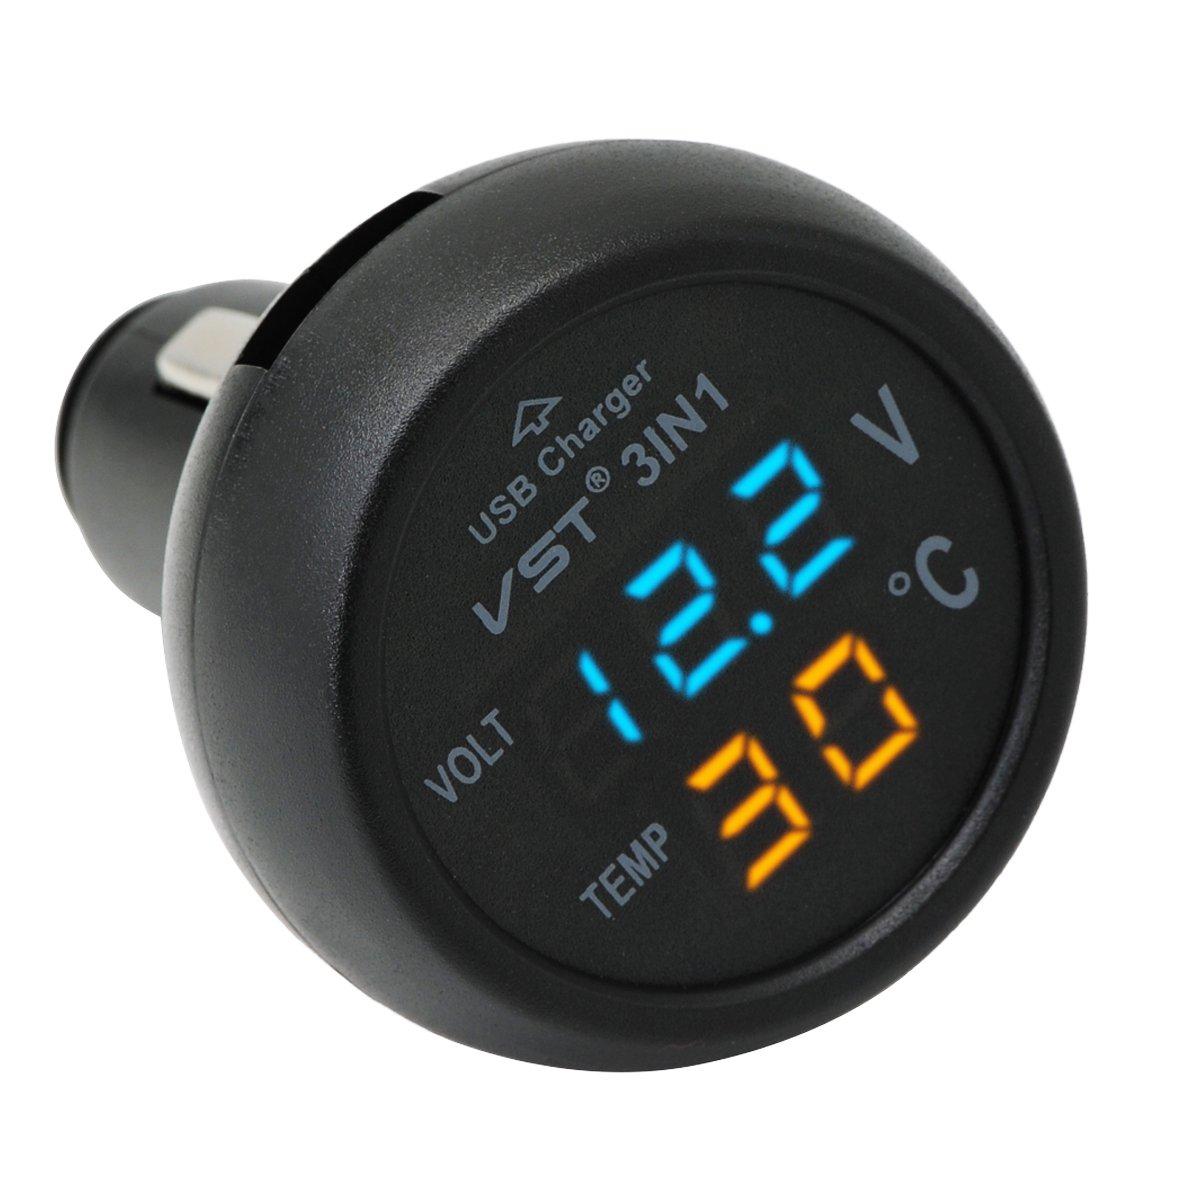 QUMOX Cigarette Lighter Estilo Termómetro Digital Display voltímetro con cargador USB product image